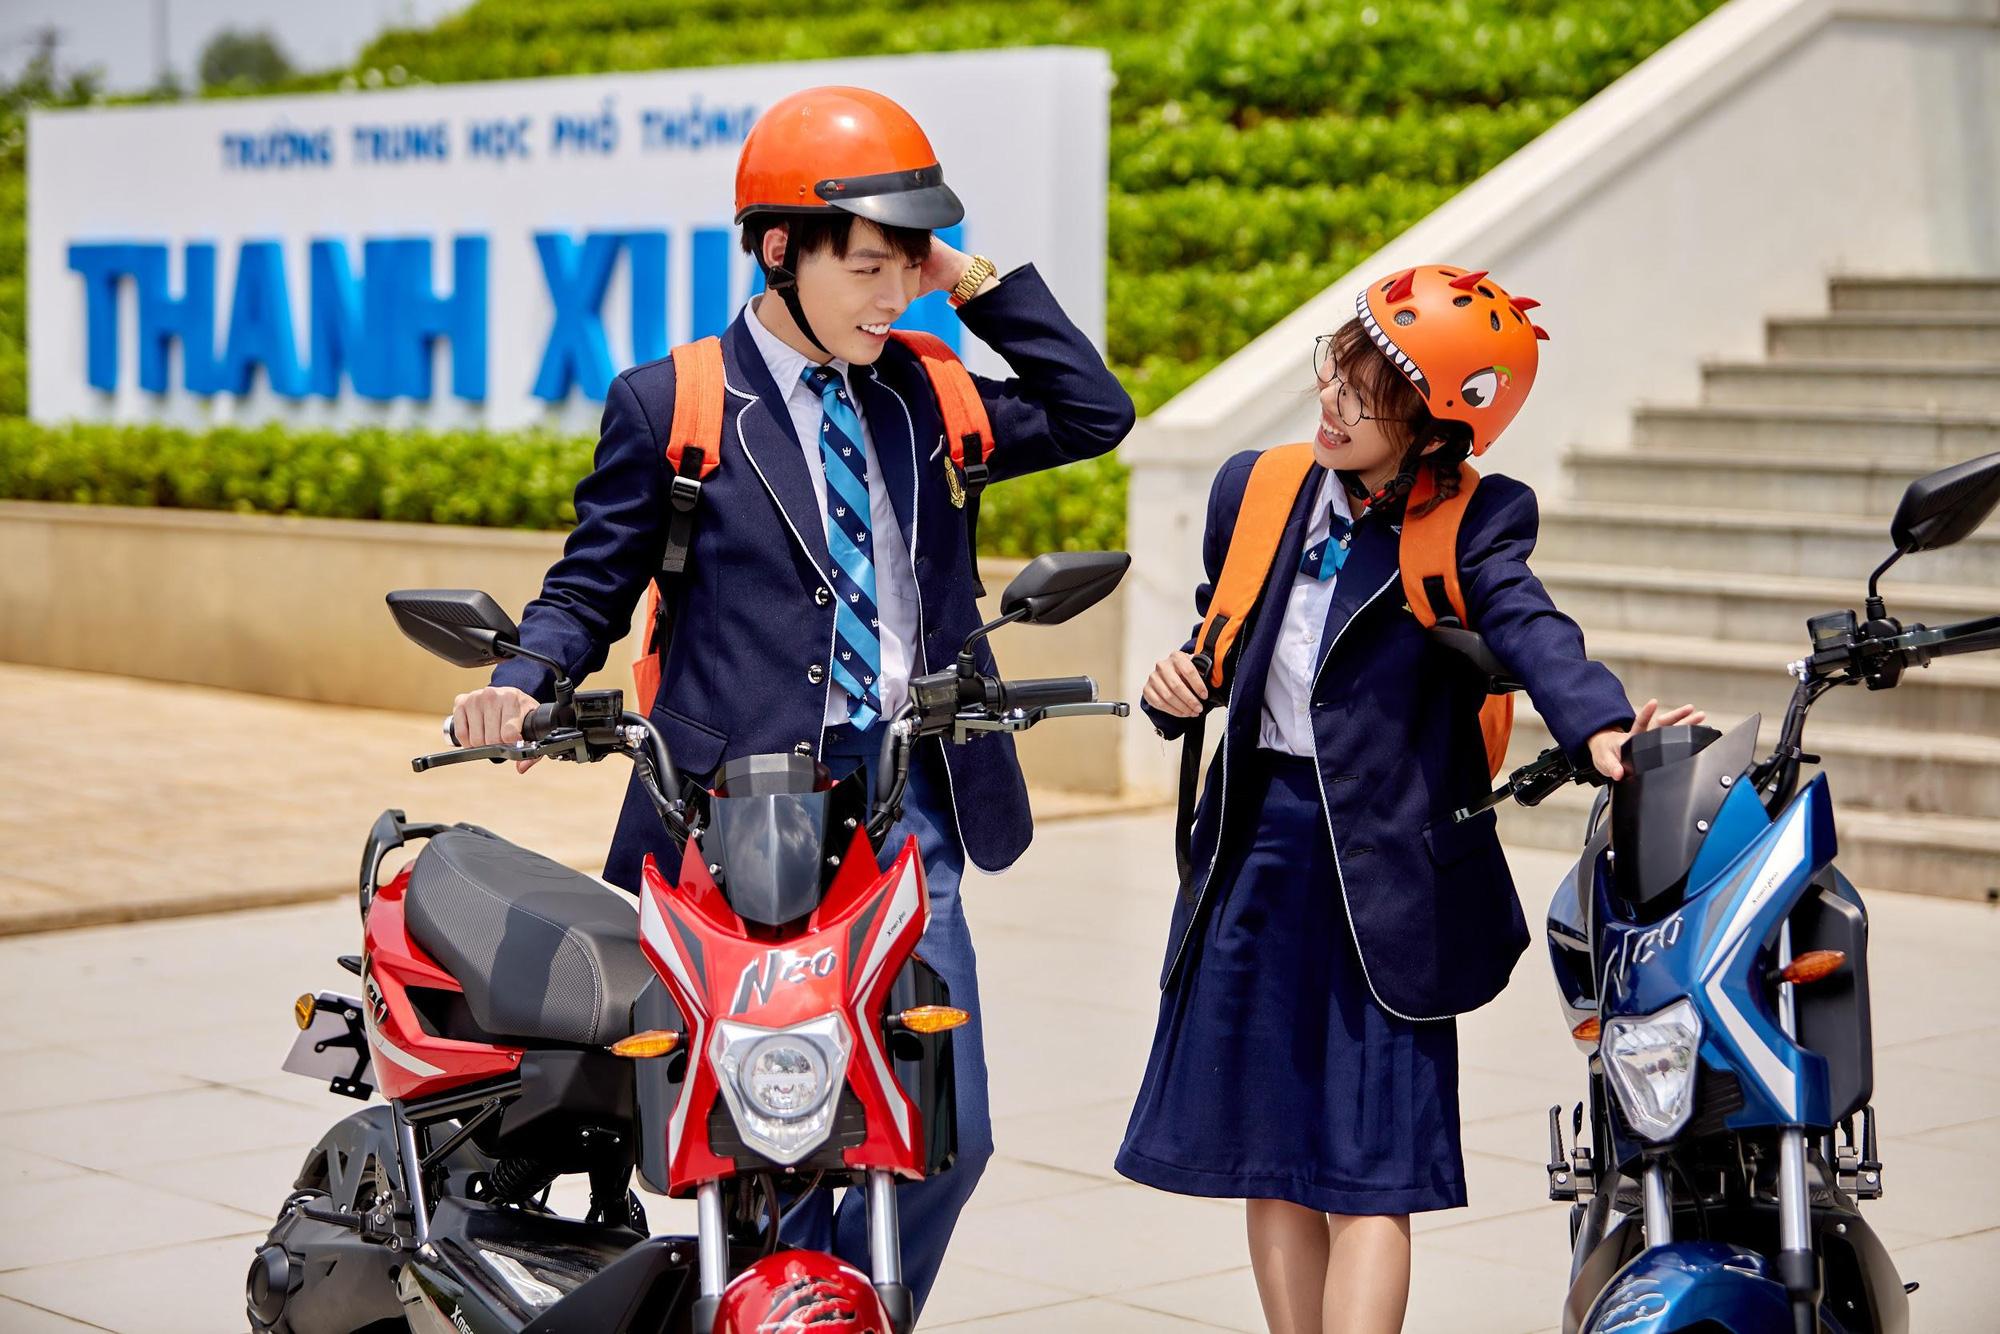 Top 3 mẫu xe máy điện được học sinh ưa chuộng cho năm học mới - Ảnh 1.